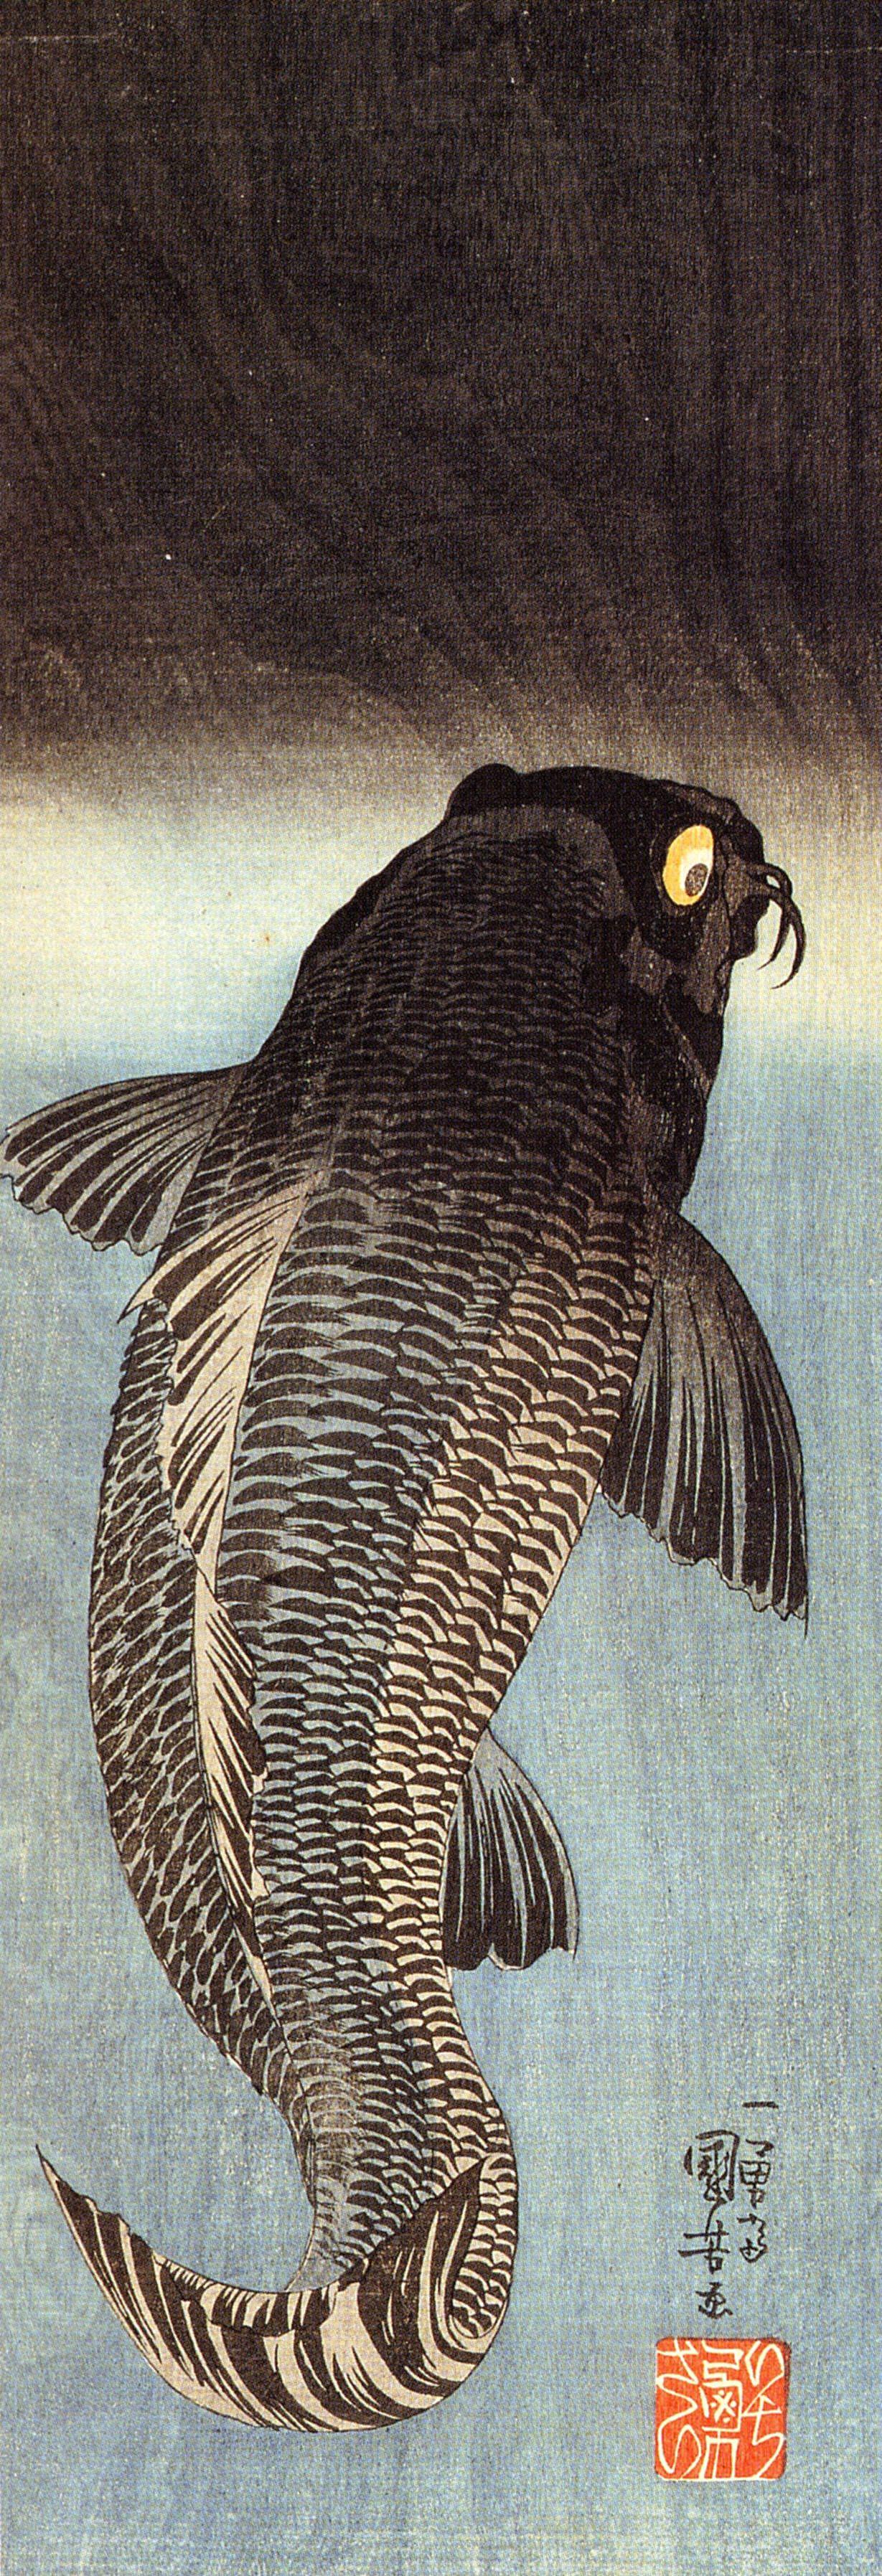 Black Carp By Utagawa Kuniyoshi Ukiyo E Style Intorduce